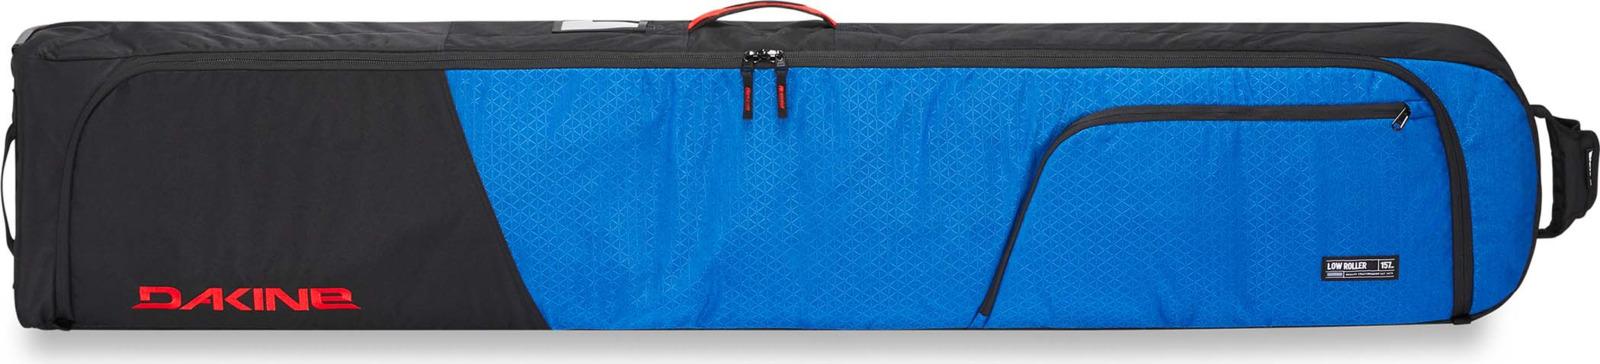 Чехол для перевозки сноубордов (или горных лыж). На колесах. Внутри съемная сумка для ботинок. Снаружи карманы для мелочей. Стенки чехла толстые и мягкие. Они защитят Ваше дорогостоящее оборудование при перевозке. Несколько ручек по периметру для удобства переноски чехла. Одна из ручек имеет специальную конструкцию, что бы состегивать ее с ручкой сумки на колесах. В такой чехол можно положить пару досок (одну без креплений), ботинки и часть одежды. Многие авиалинии допускают бесплатный провоз такого чехла в зимний период. Чехол промаркирован цифрами, соответствующими размеру доски, которую в него можно положить. Но, есть 2-3 см запас. Если у Вас доска очень длинная, длиннее 175 см - обратите внимание на чехол для лыж Fall line ski roller. Это практически такой же чехол, с теми же габаритами, но более длинный. Вес пустого чехла около 4 кг. Габариты: 170х30х15 см.